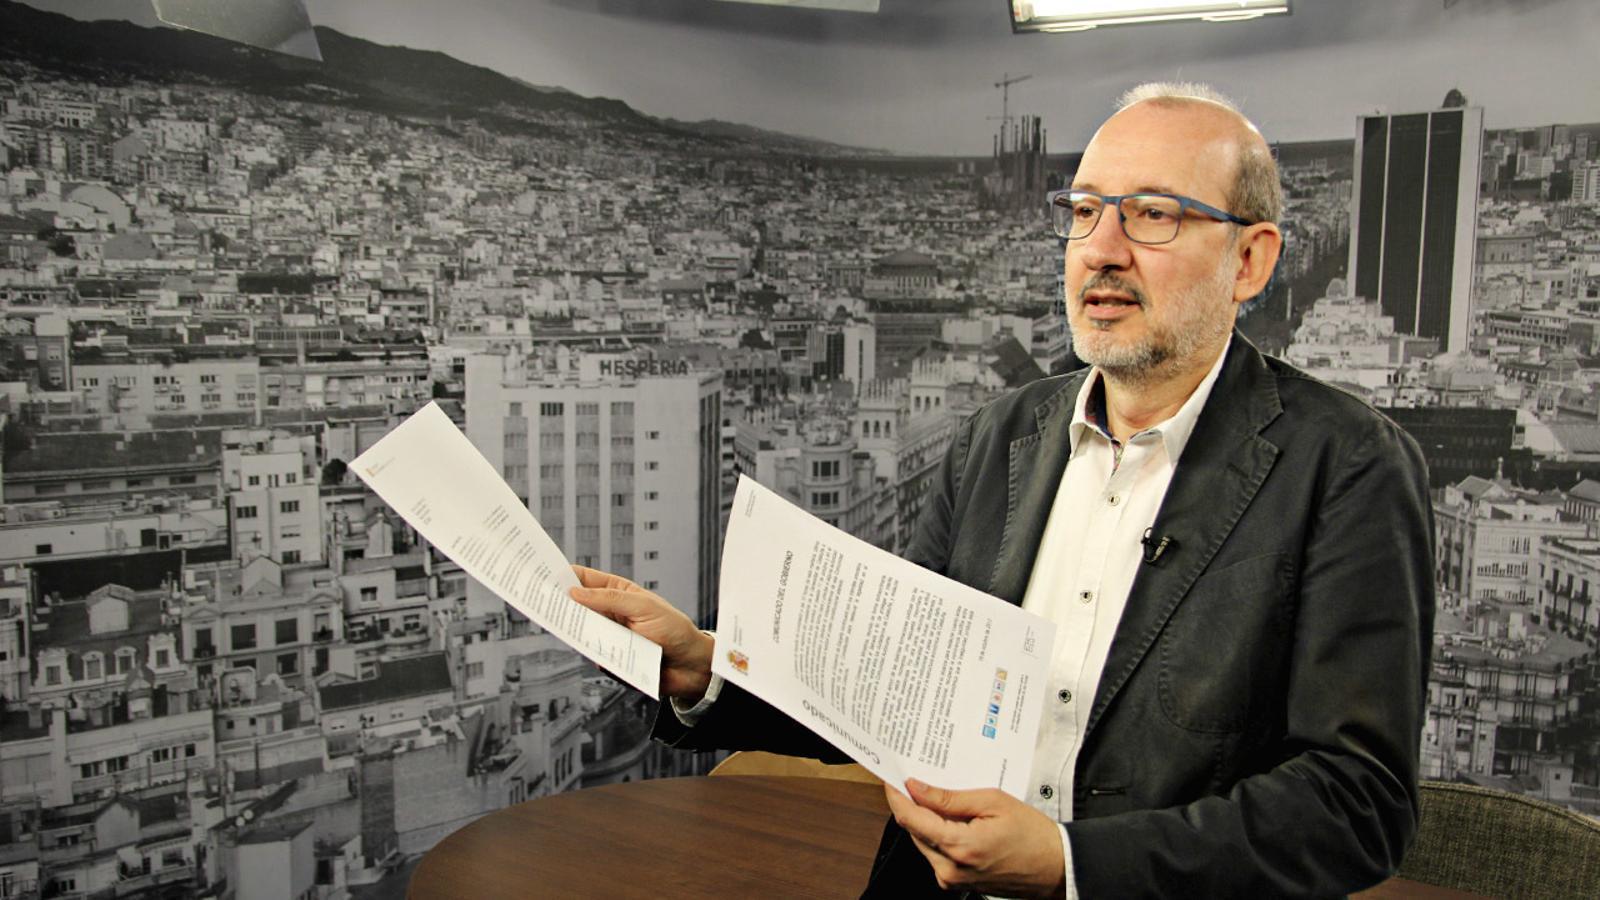 L'anàlisi d'Antoni Bassas: 'El 155 estava decidit'